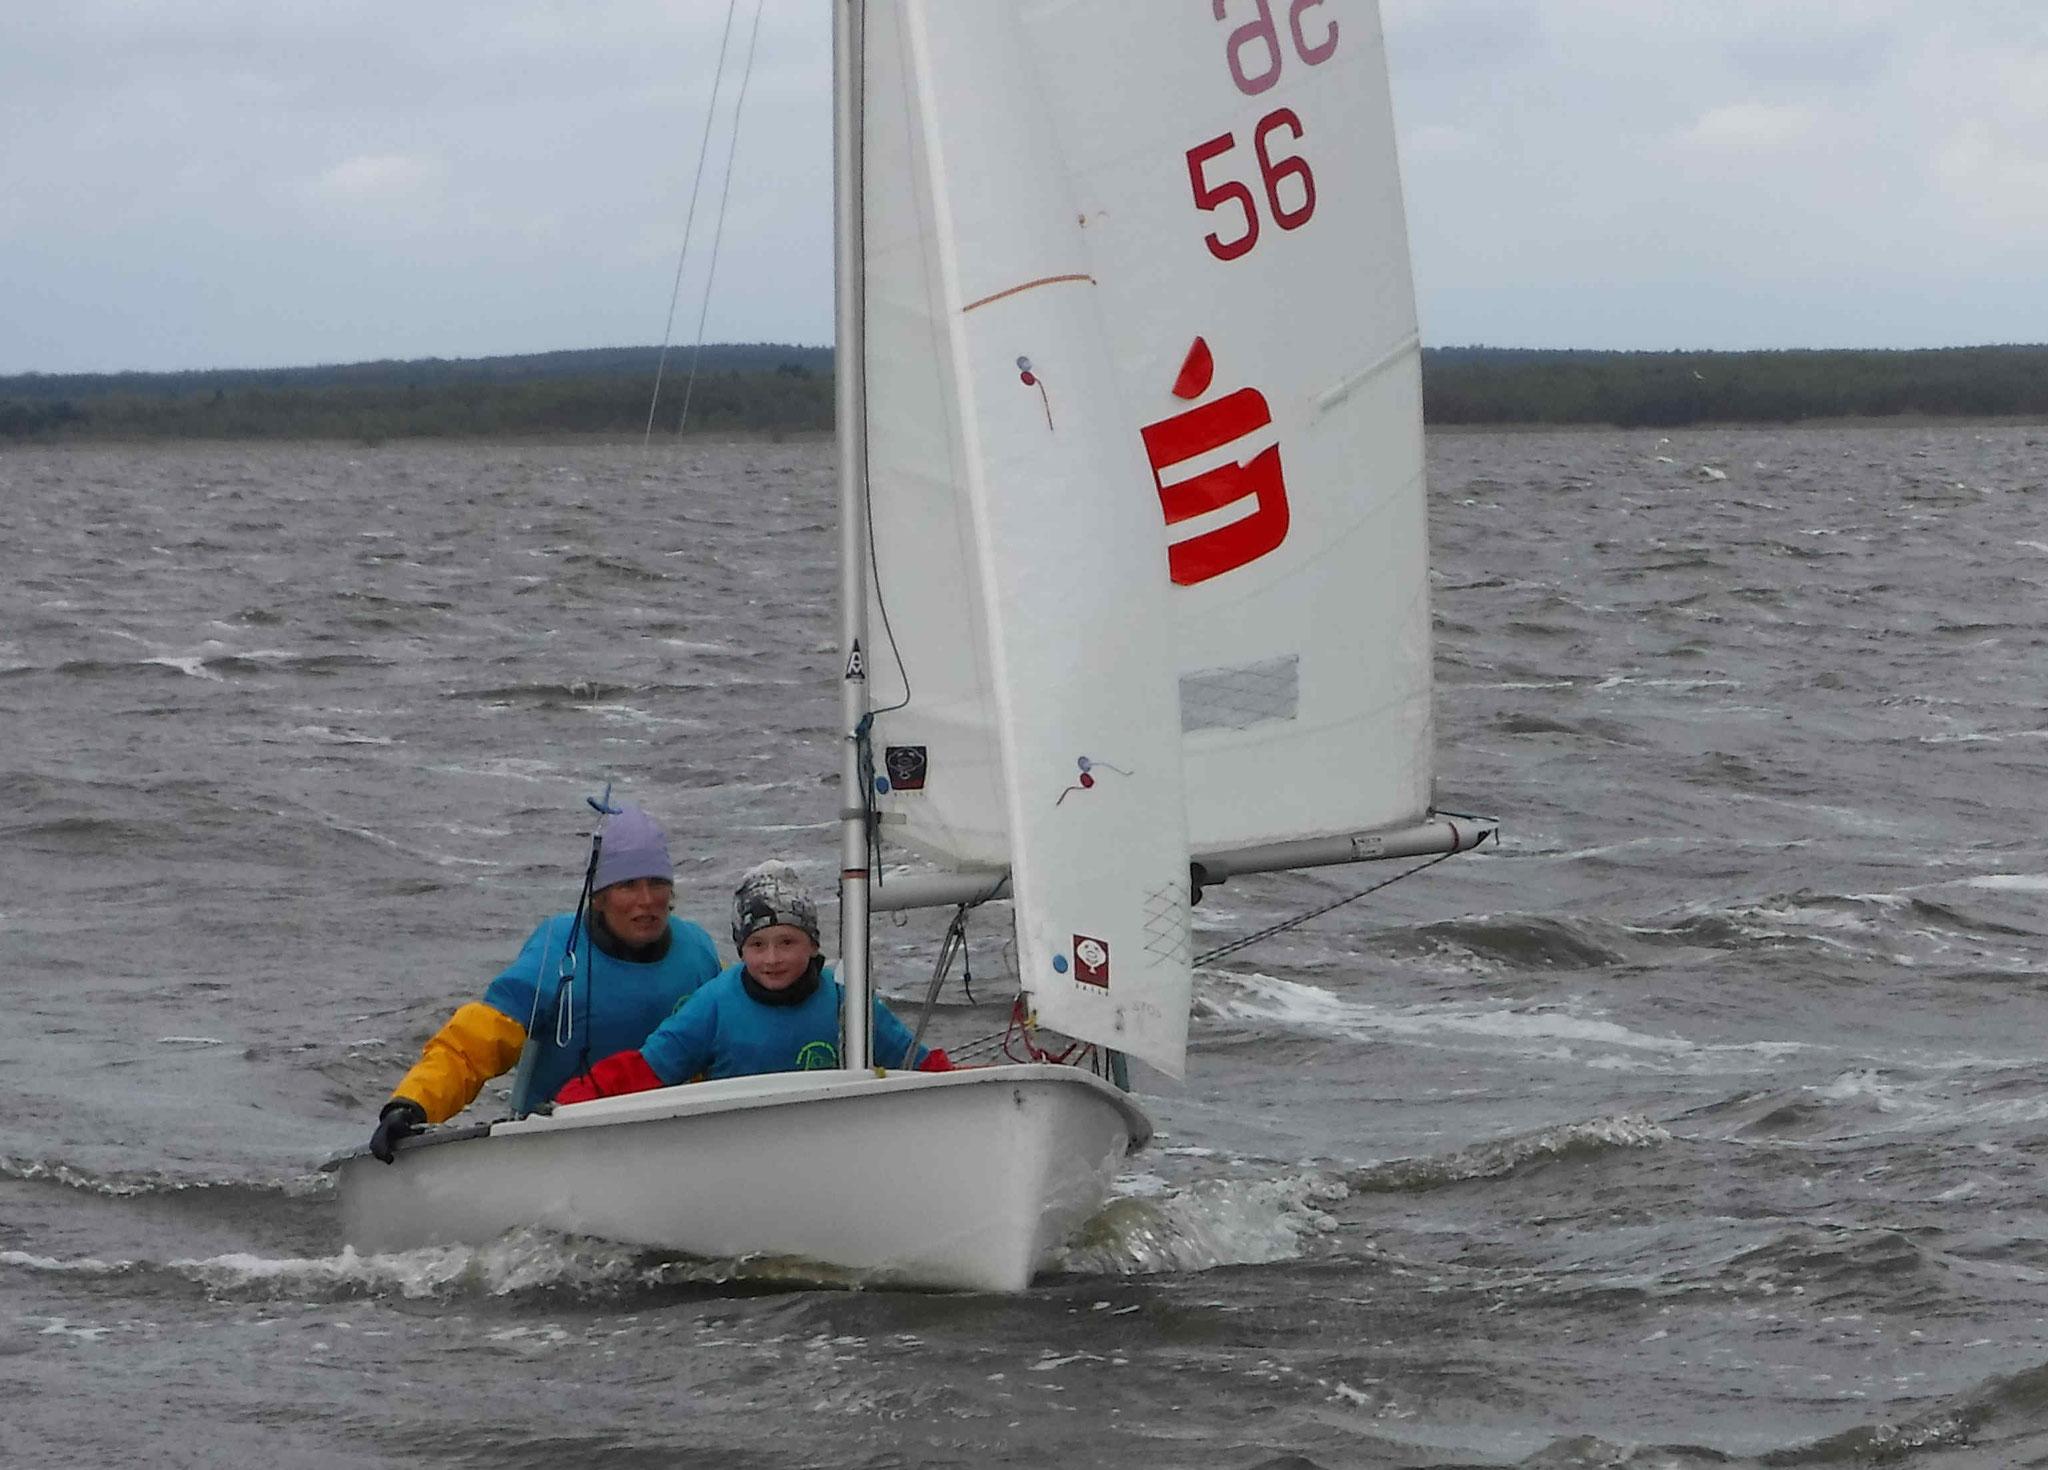 bei 6 flotten Windstärken mit der Trainerin